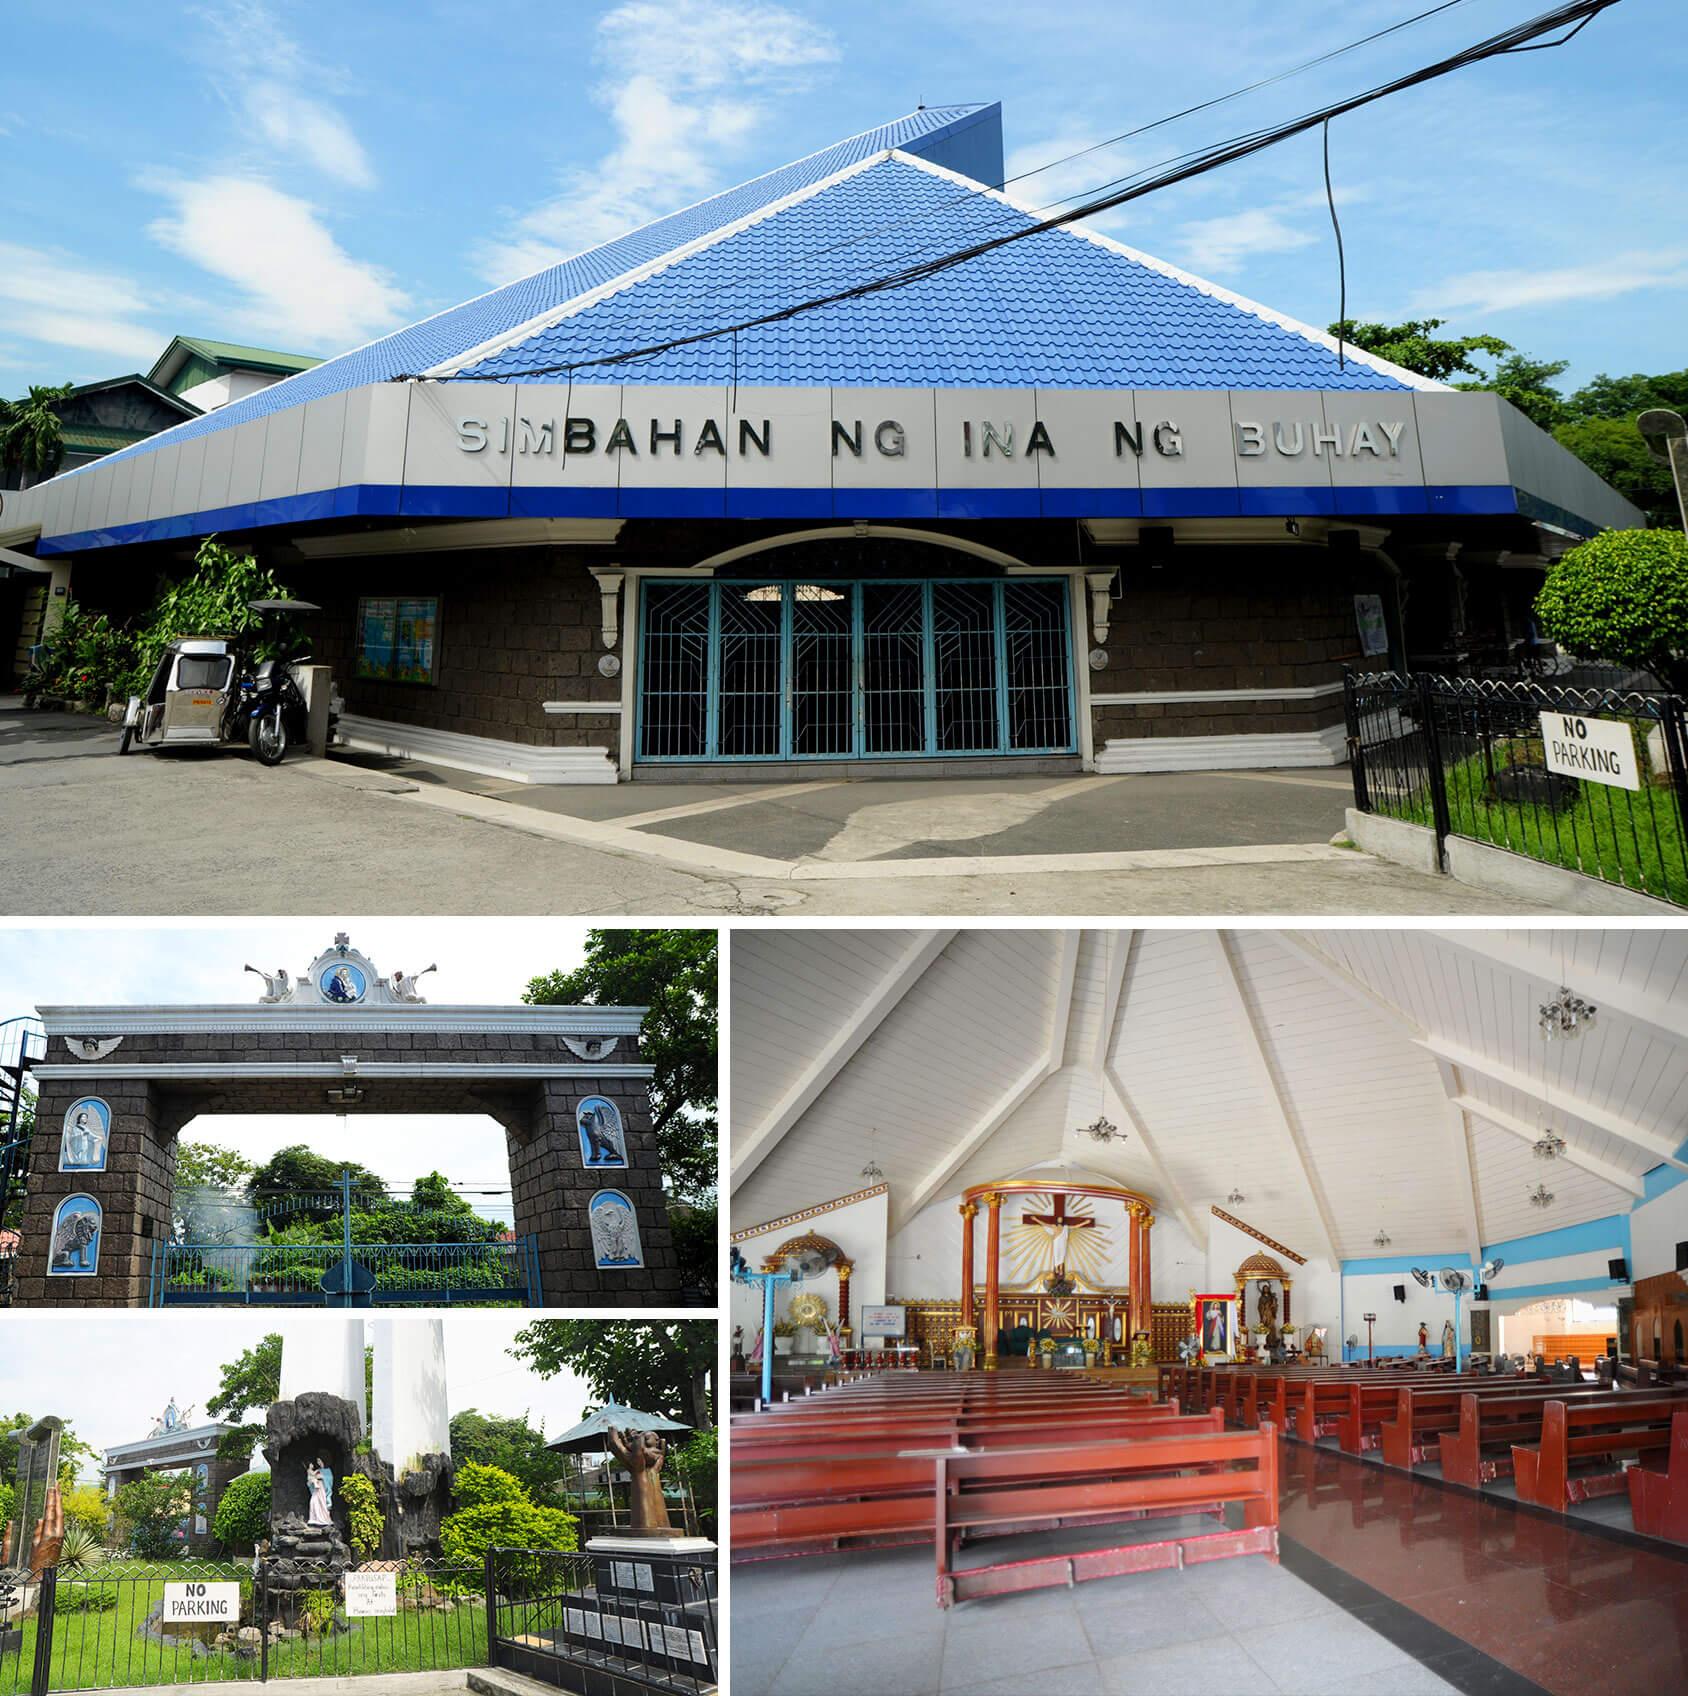 Ina ng Buhay Parish